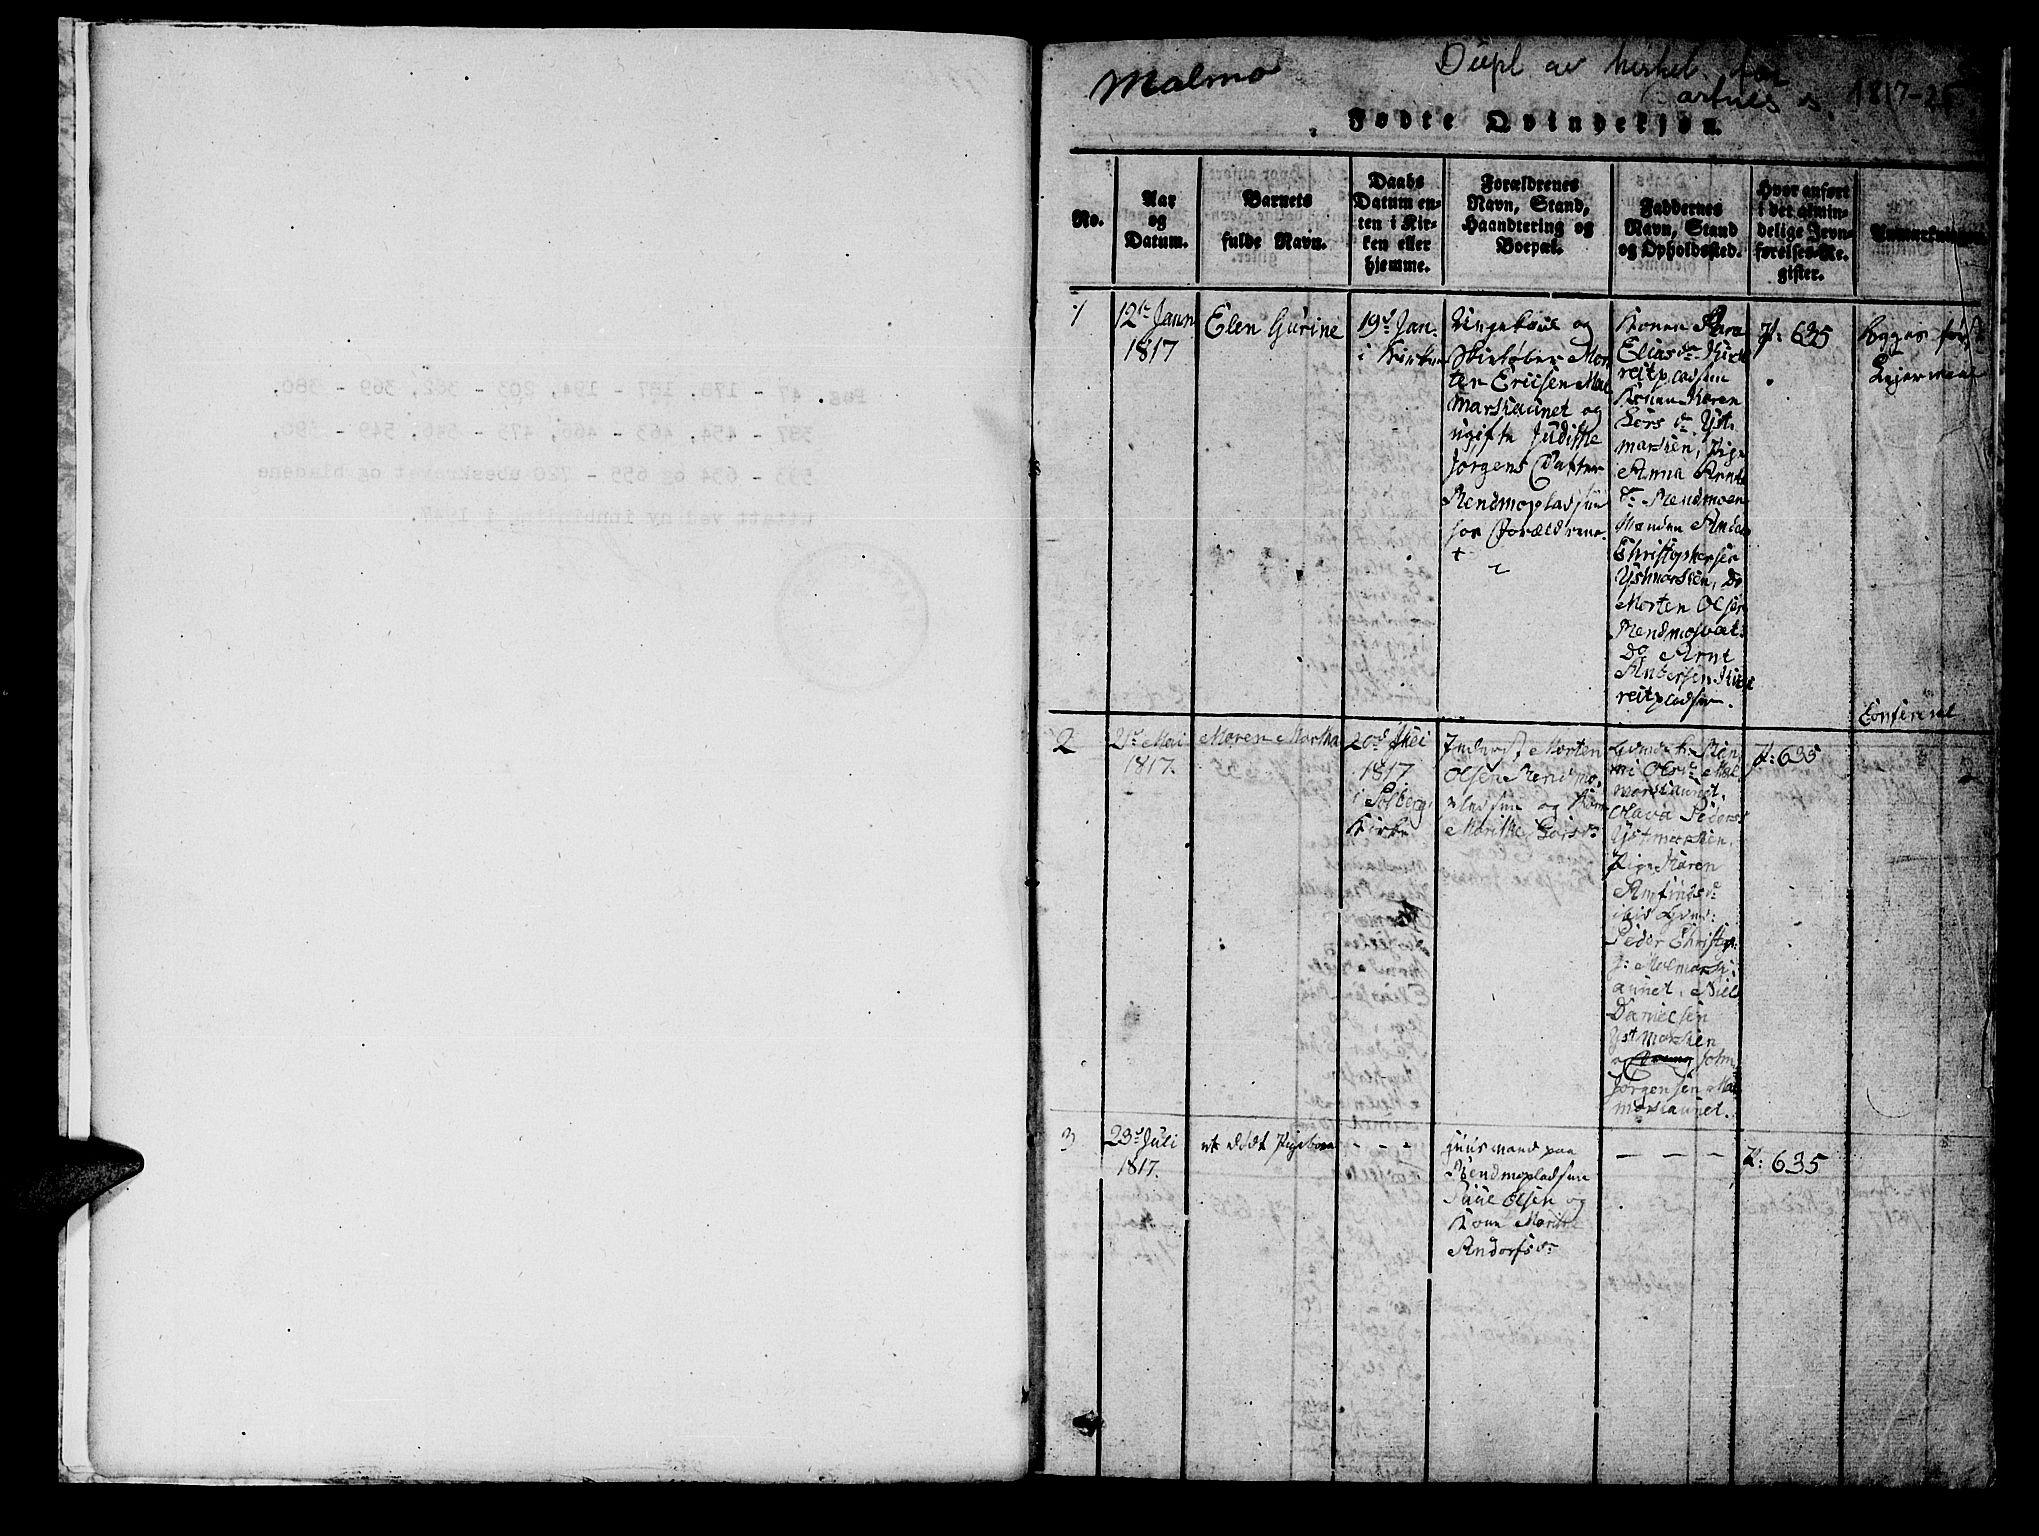 SAT, Ministerialprotokoller, klokkerbøker og fødselsregistre - Nord-Trøndelag, 745/L0433: Klokkerbok nr. 745C02, 1817-1825, s. 0-1